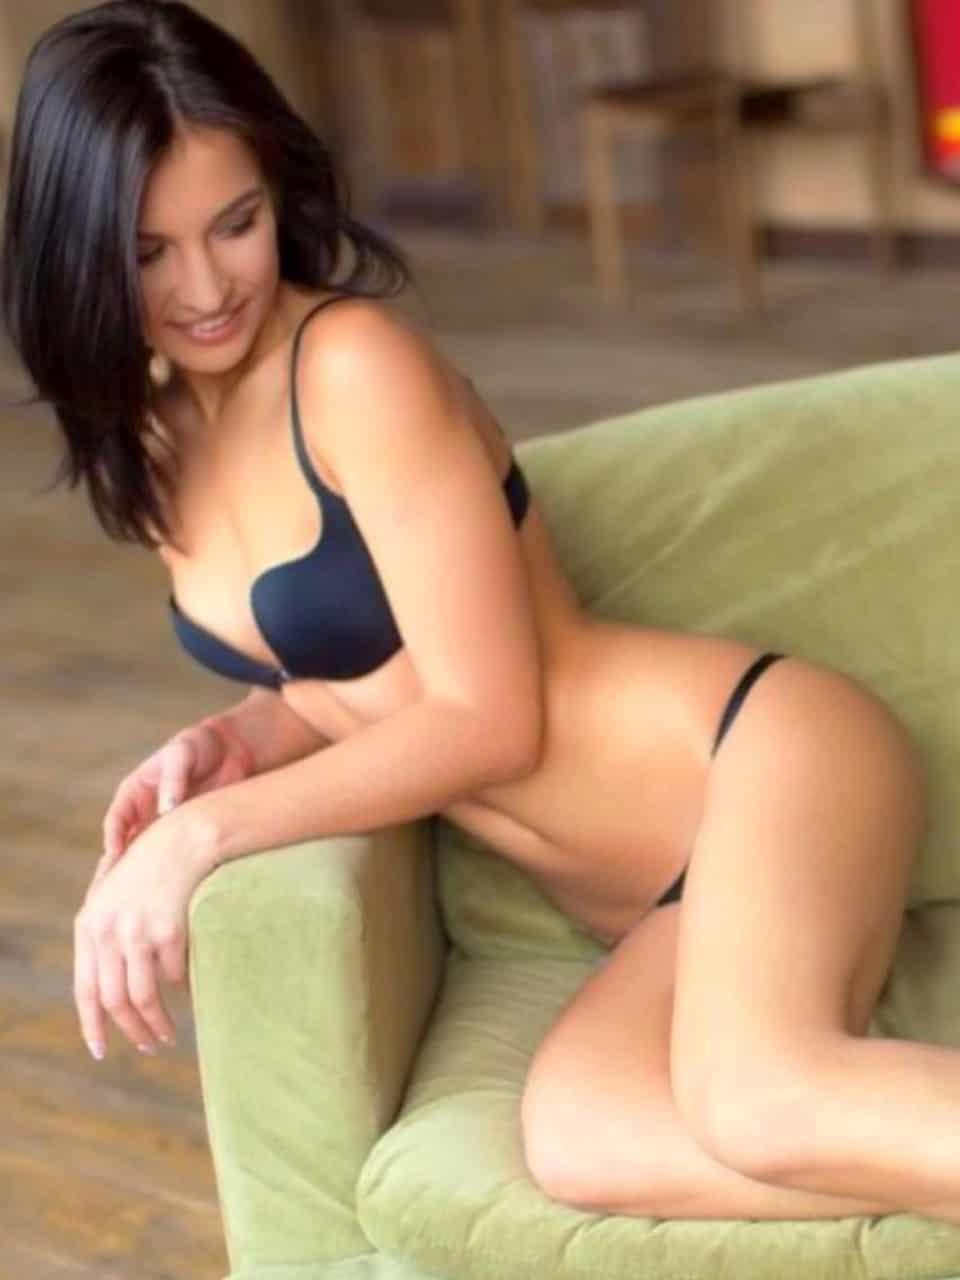 Qatar escort girl Yvette